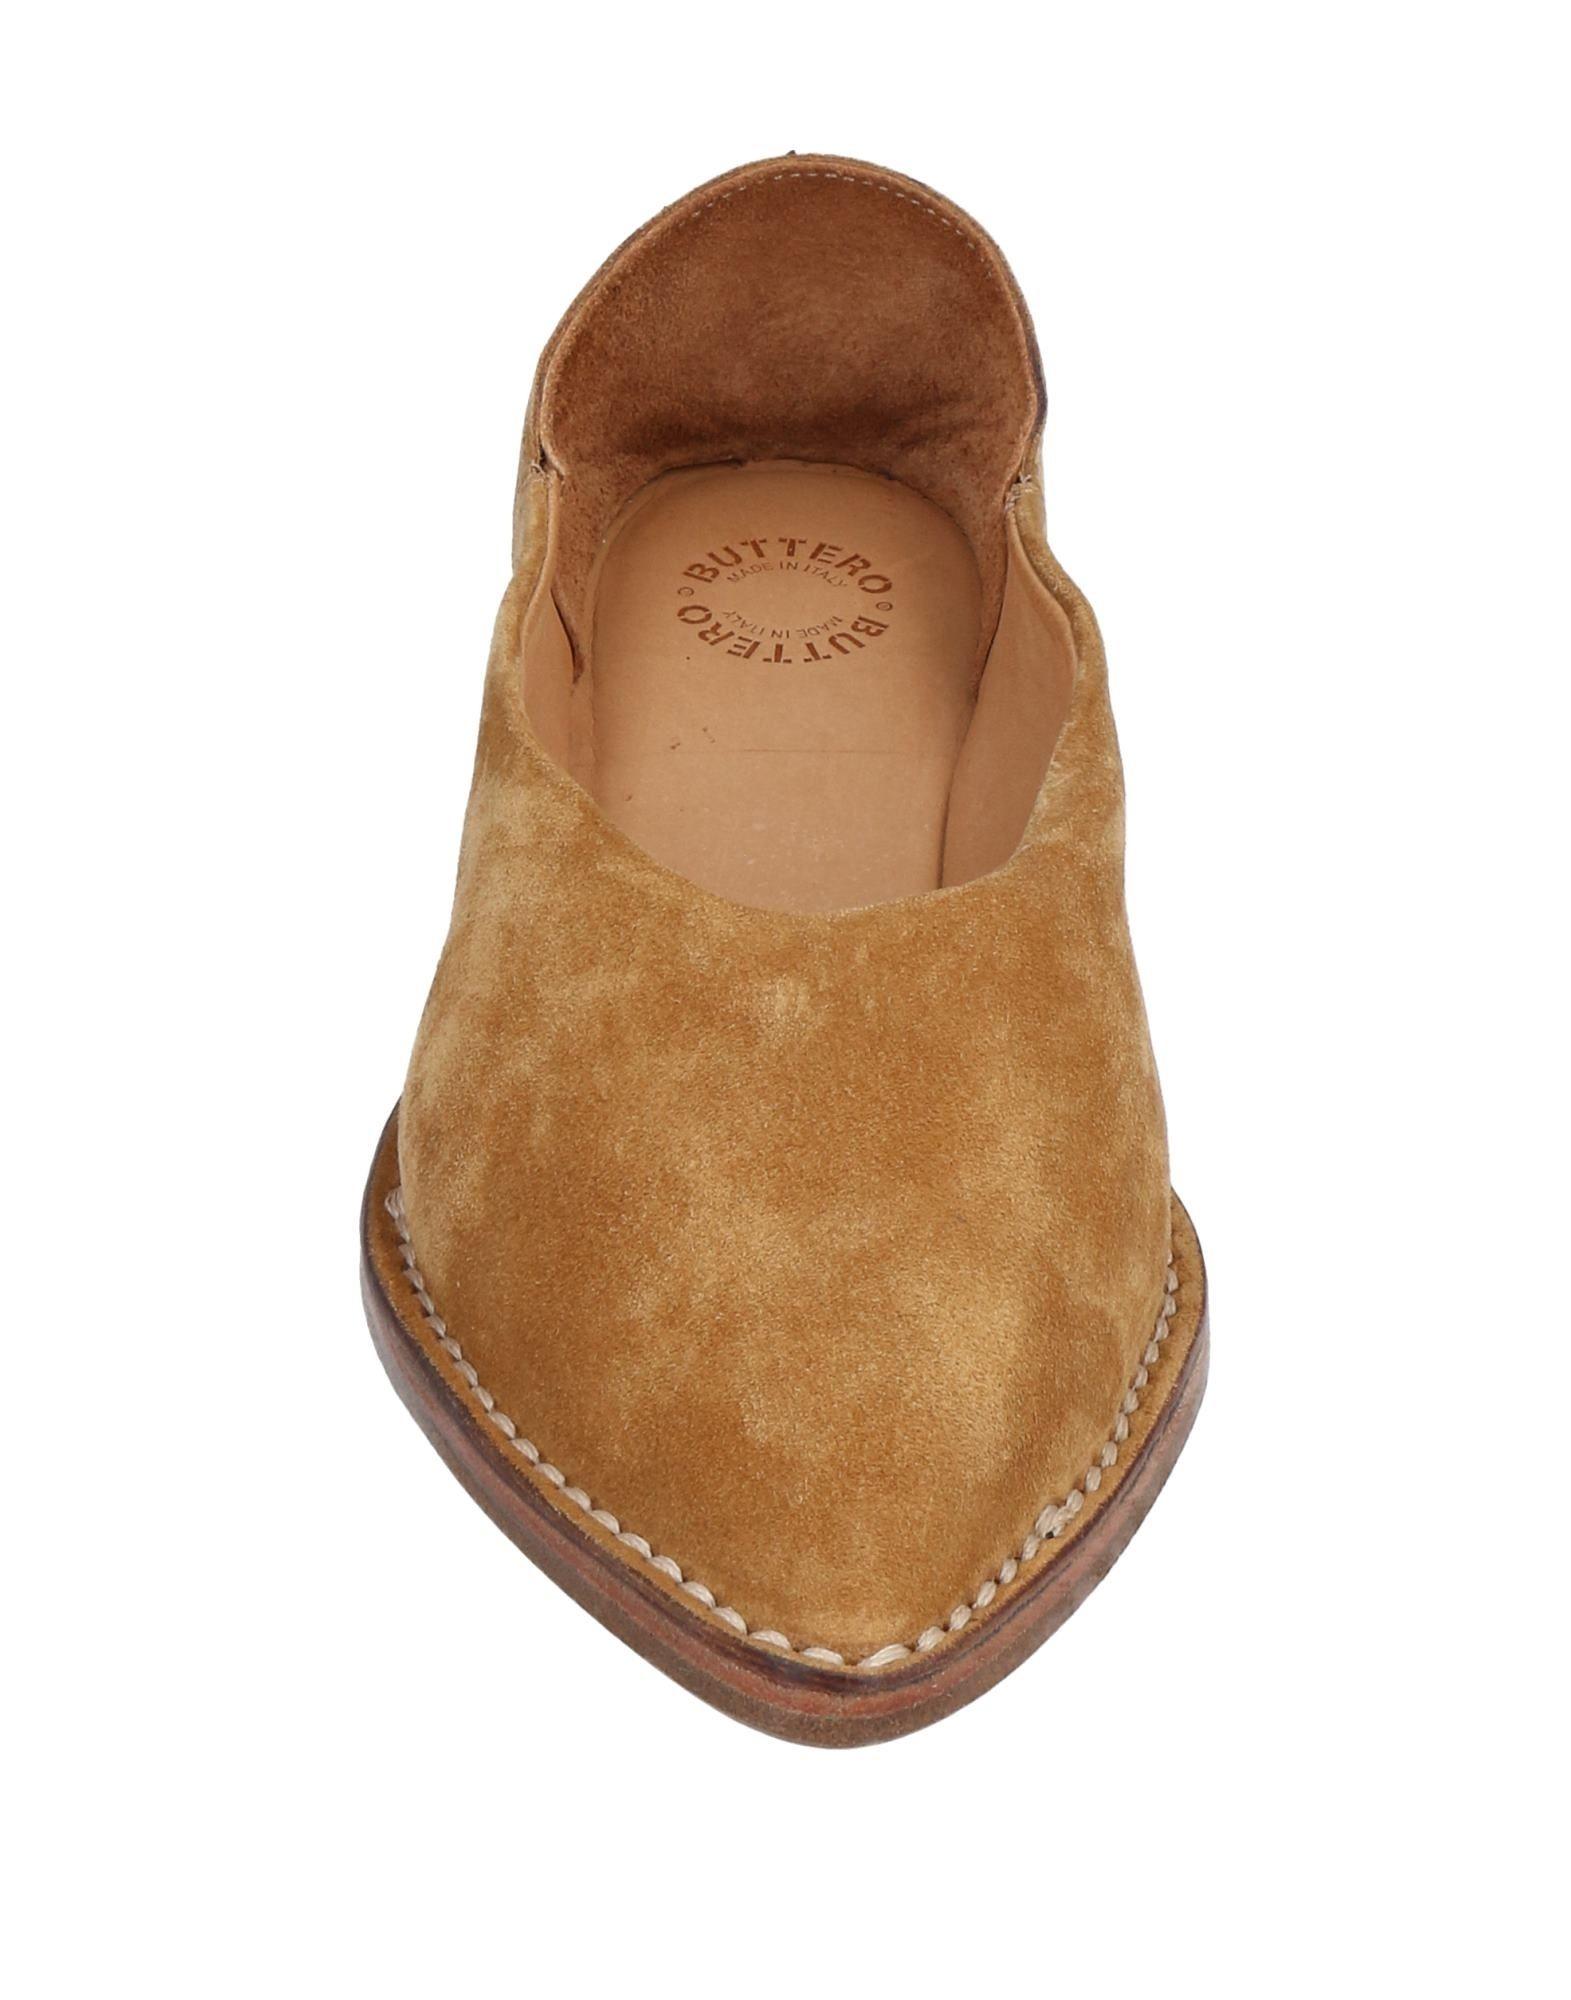 Stilvolle billige Ballerinas Schuhe Buttero® Ballerinas billige Damen  11564833UQ 1fd57f